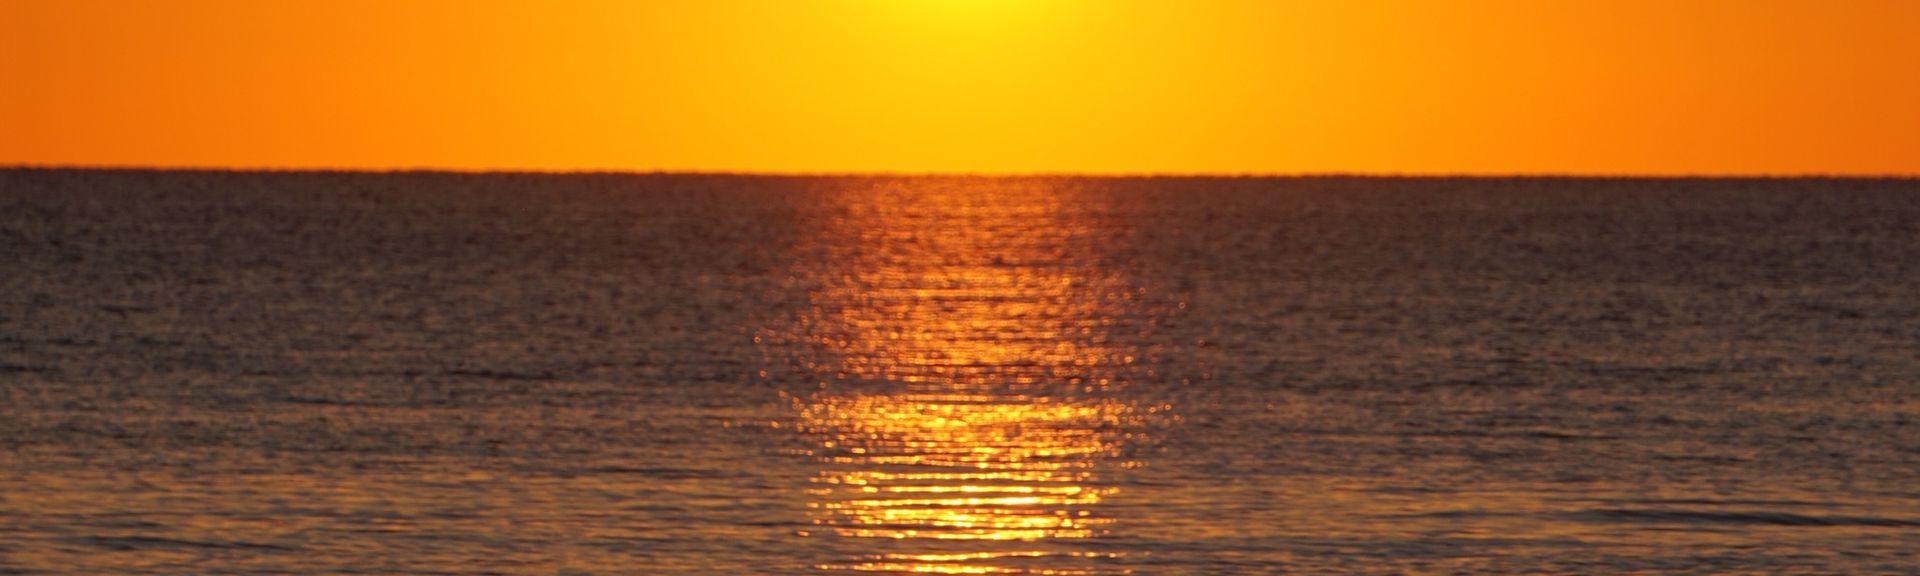 Island Sands (Fort Walton Beach, Florida, Verenigde Staten)